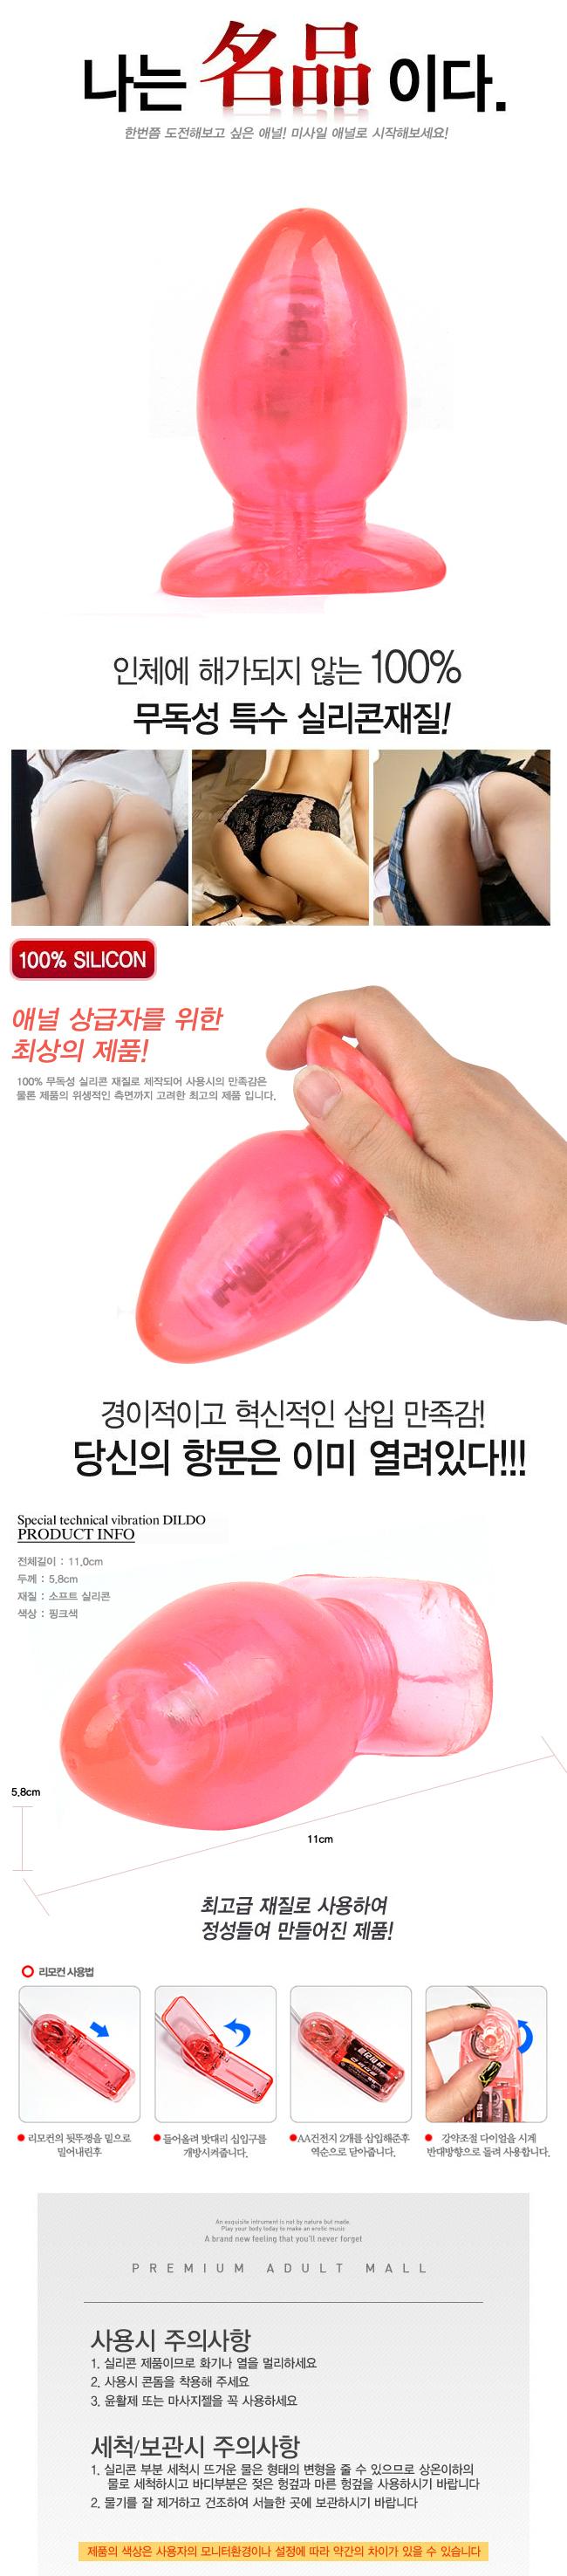 [애널진동] 미사일 애널 진동기(Missile Anal Vibrator) - 大 사이즈